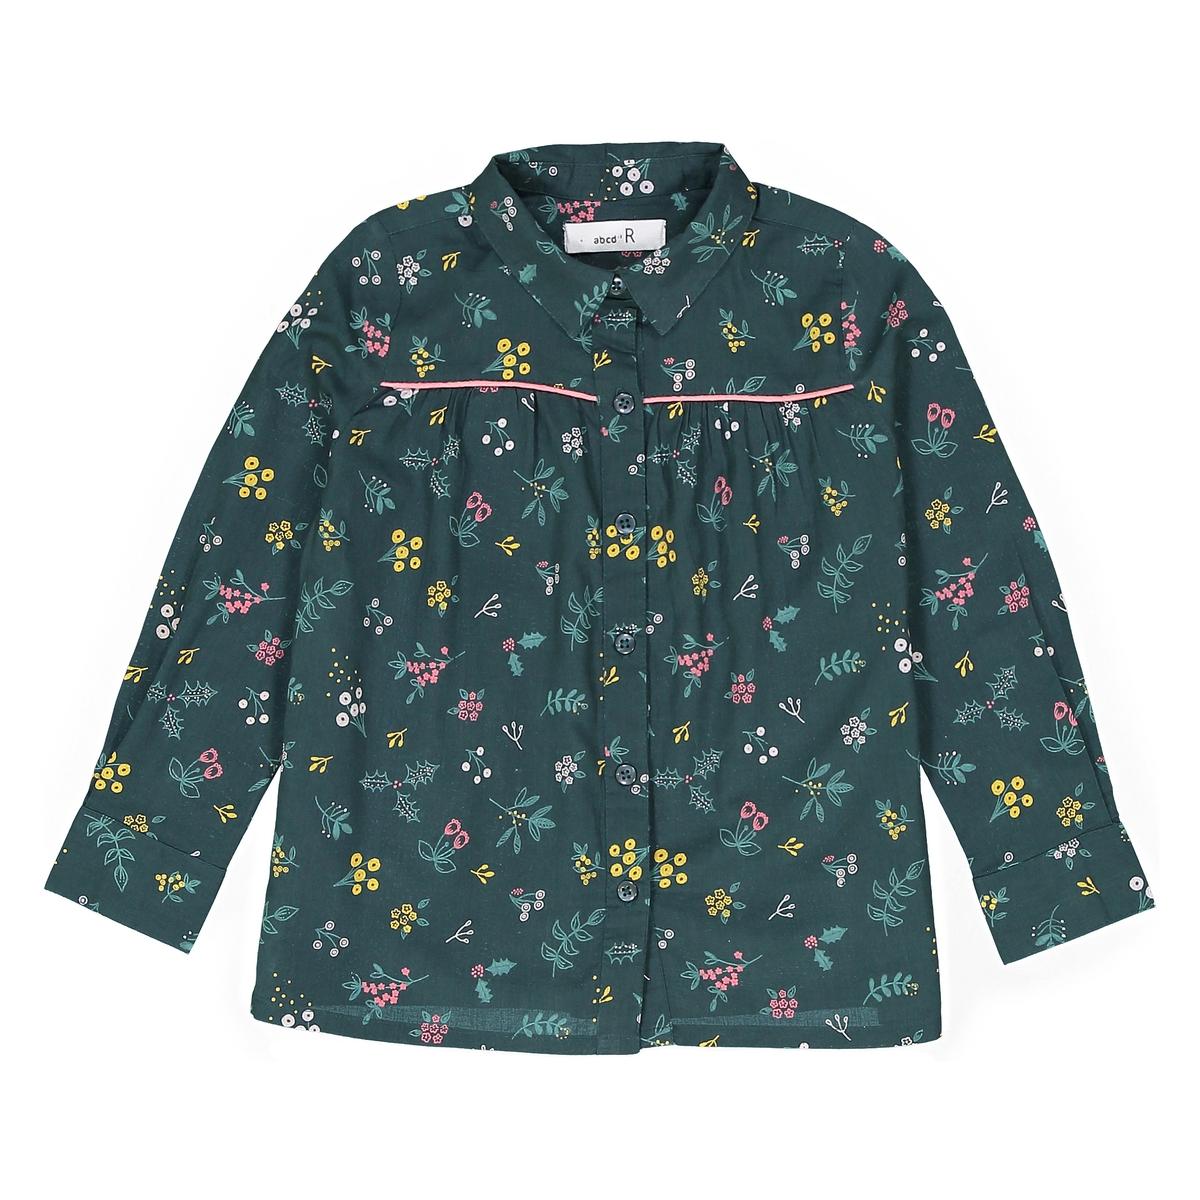 Рубашка с цветочным принтом 3-12 лет